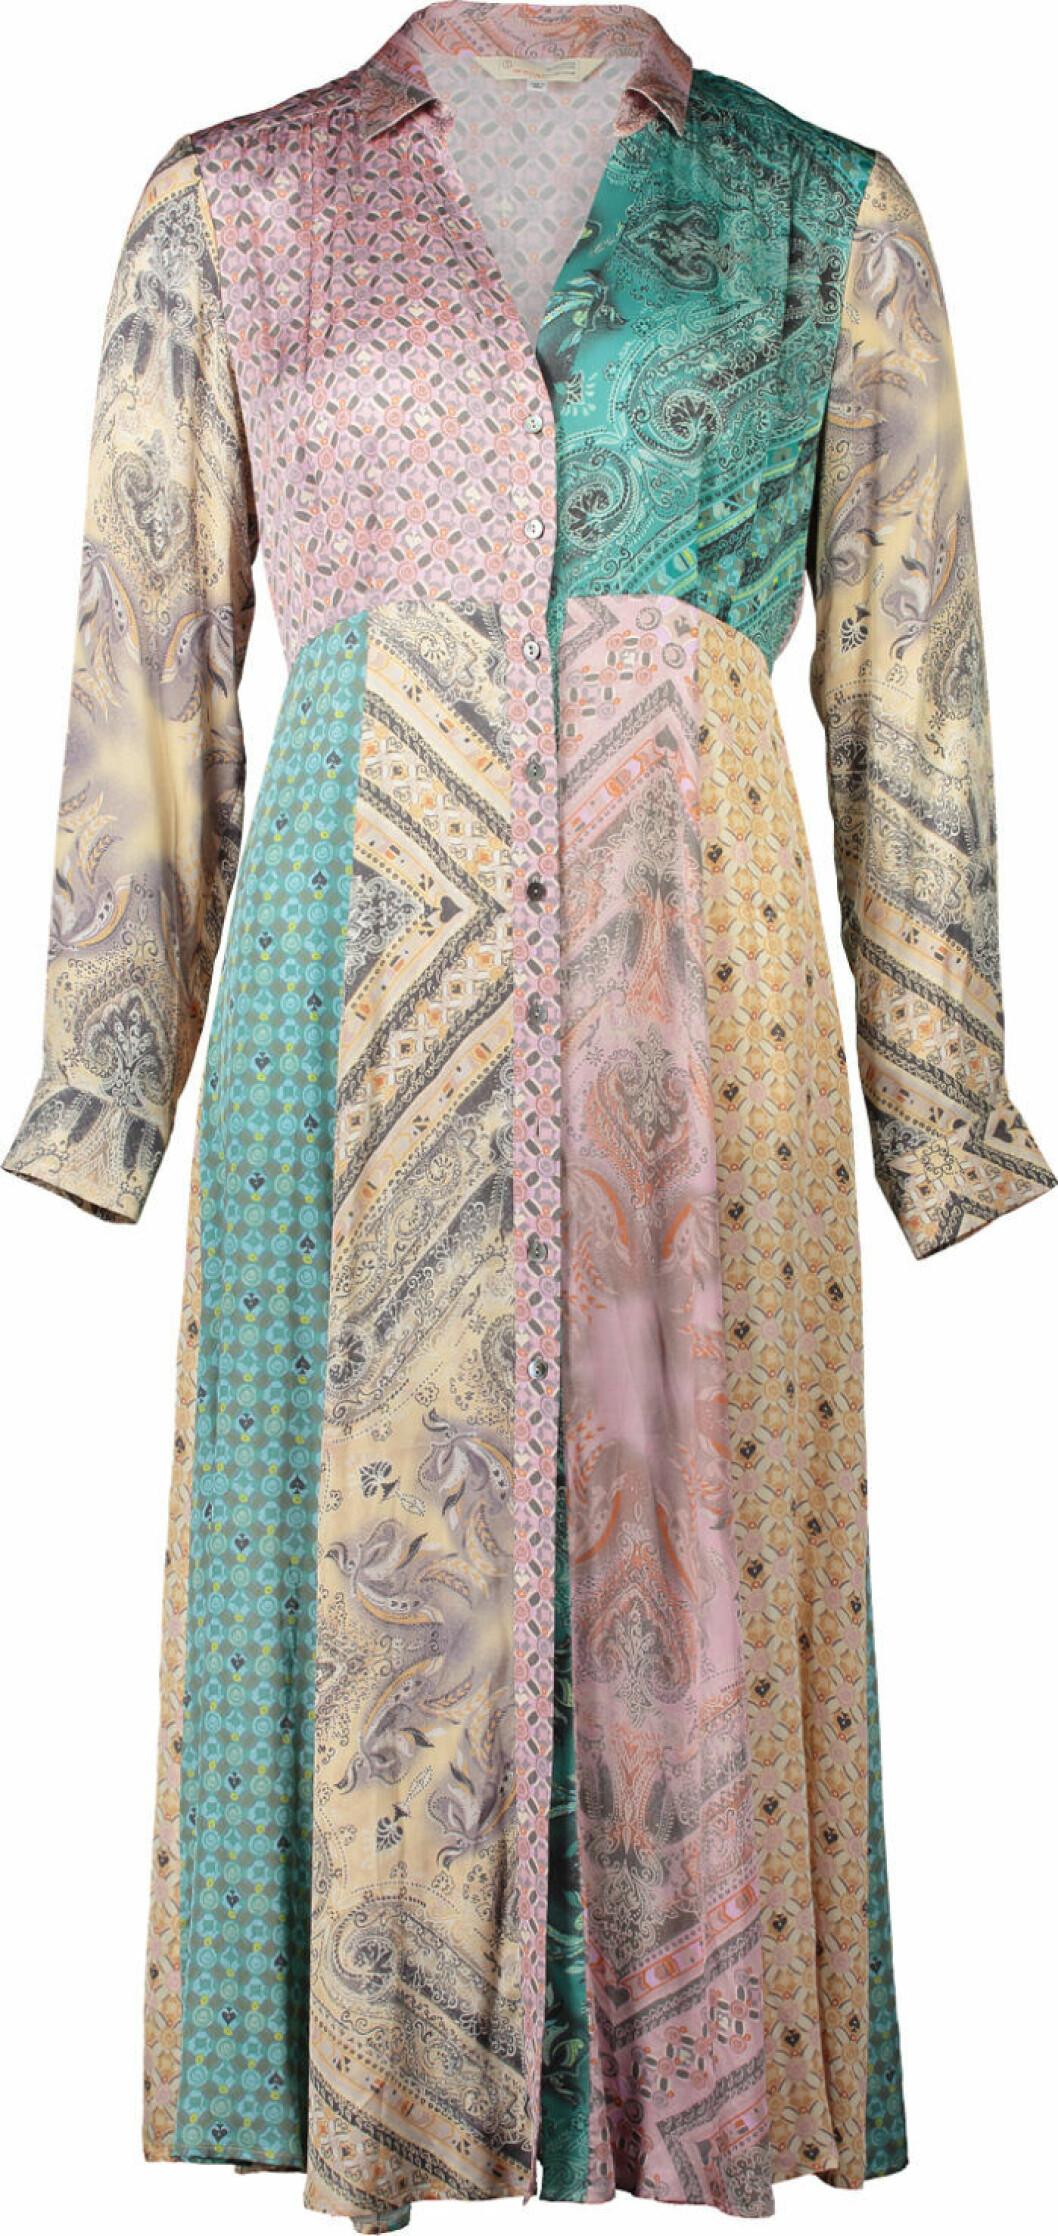 Skjortklänning i flera färger och mönster